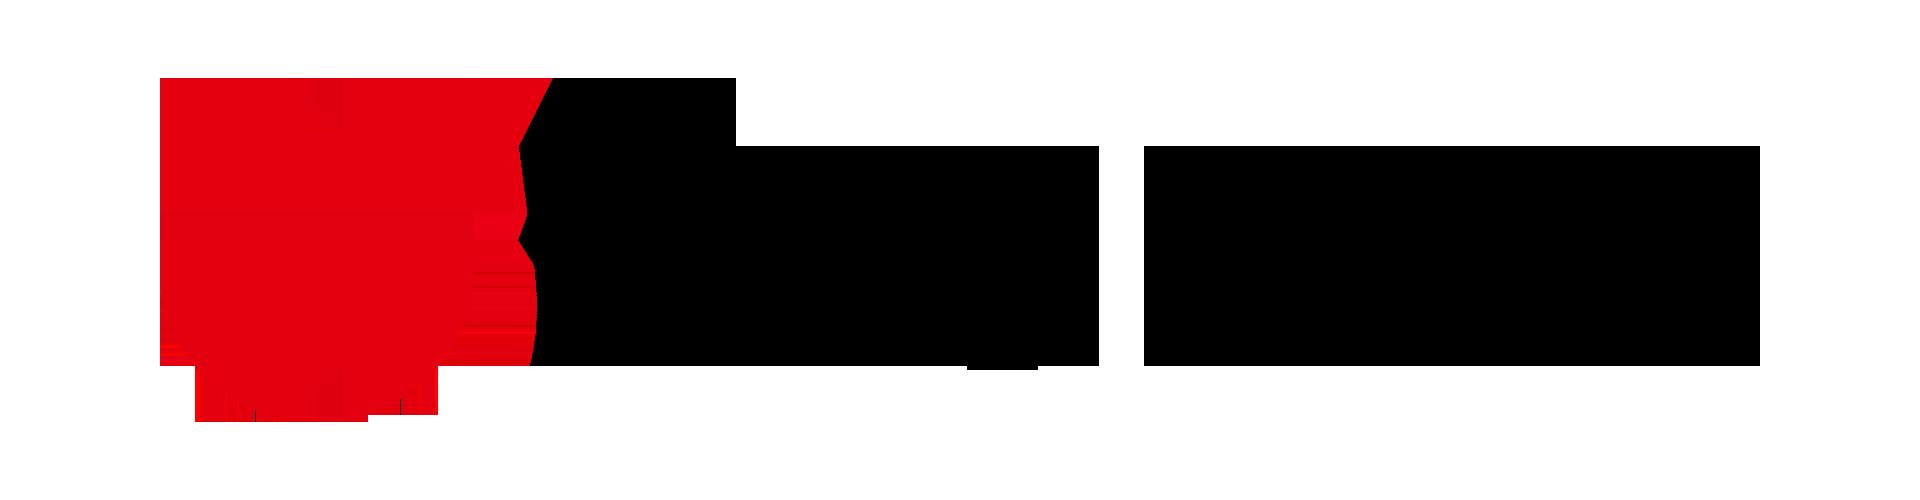 Naslovna slika za Creva, Konektori, Prskalice